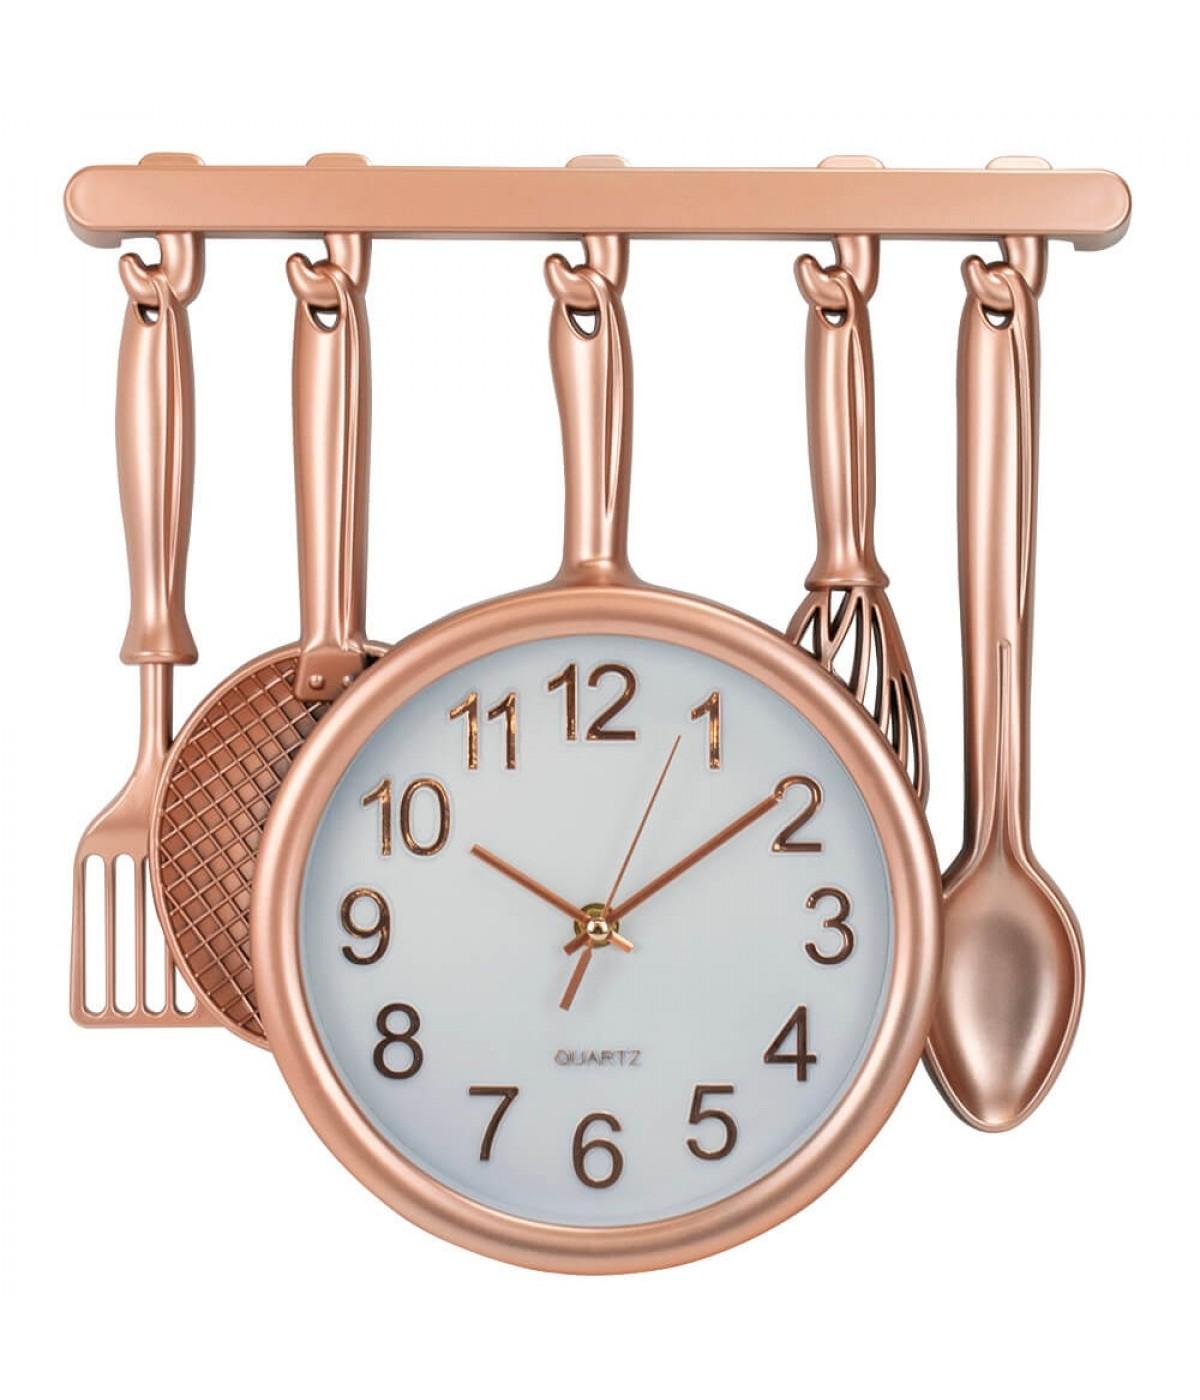 Relógio Parede Utensílios Cozinha Rosê 34x33cm